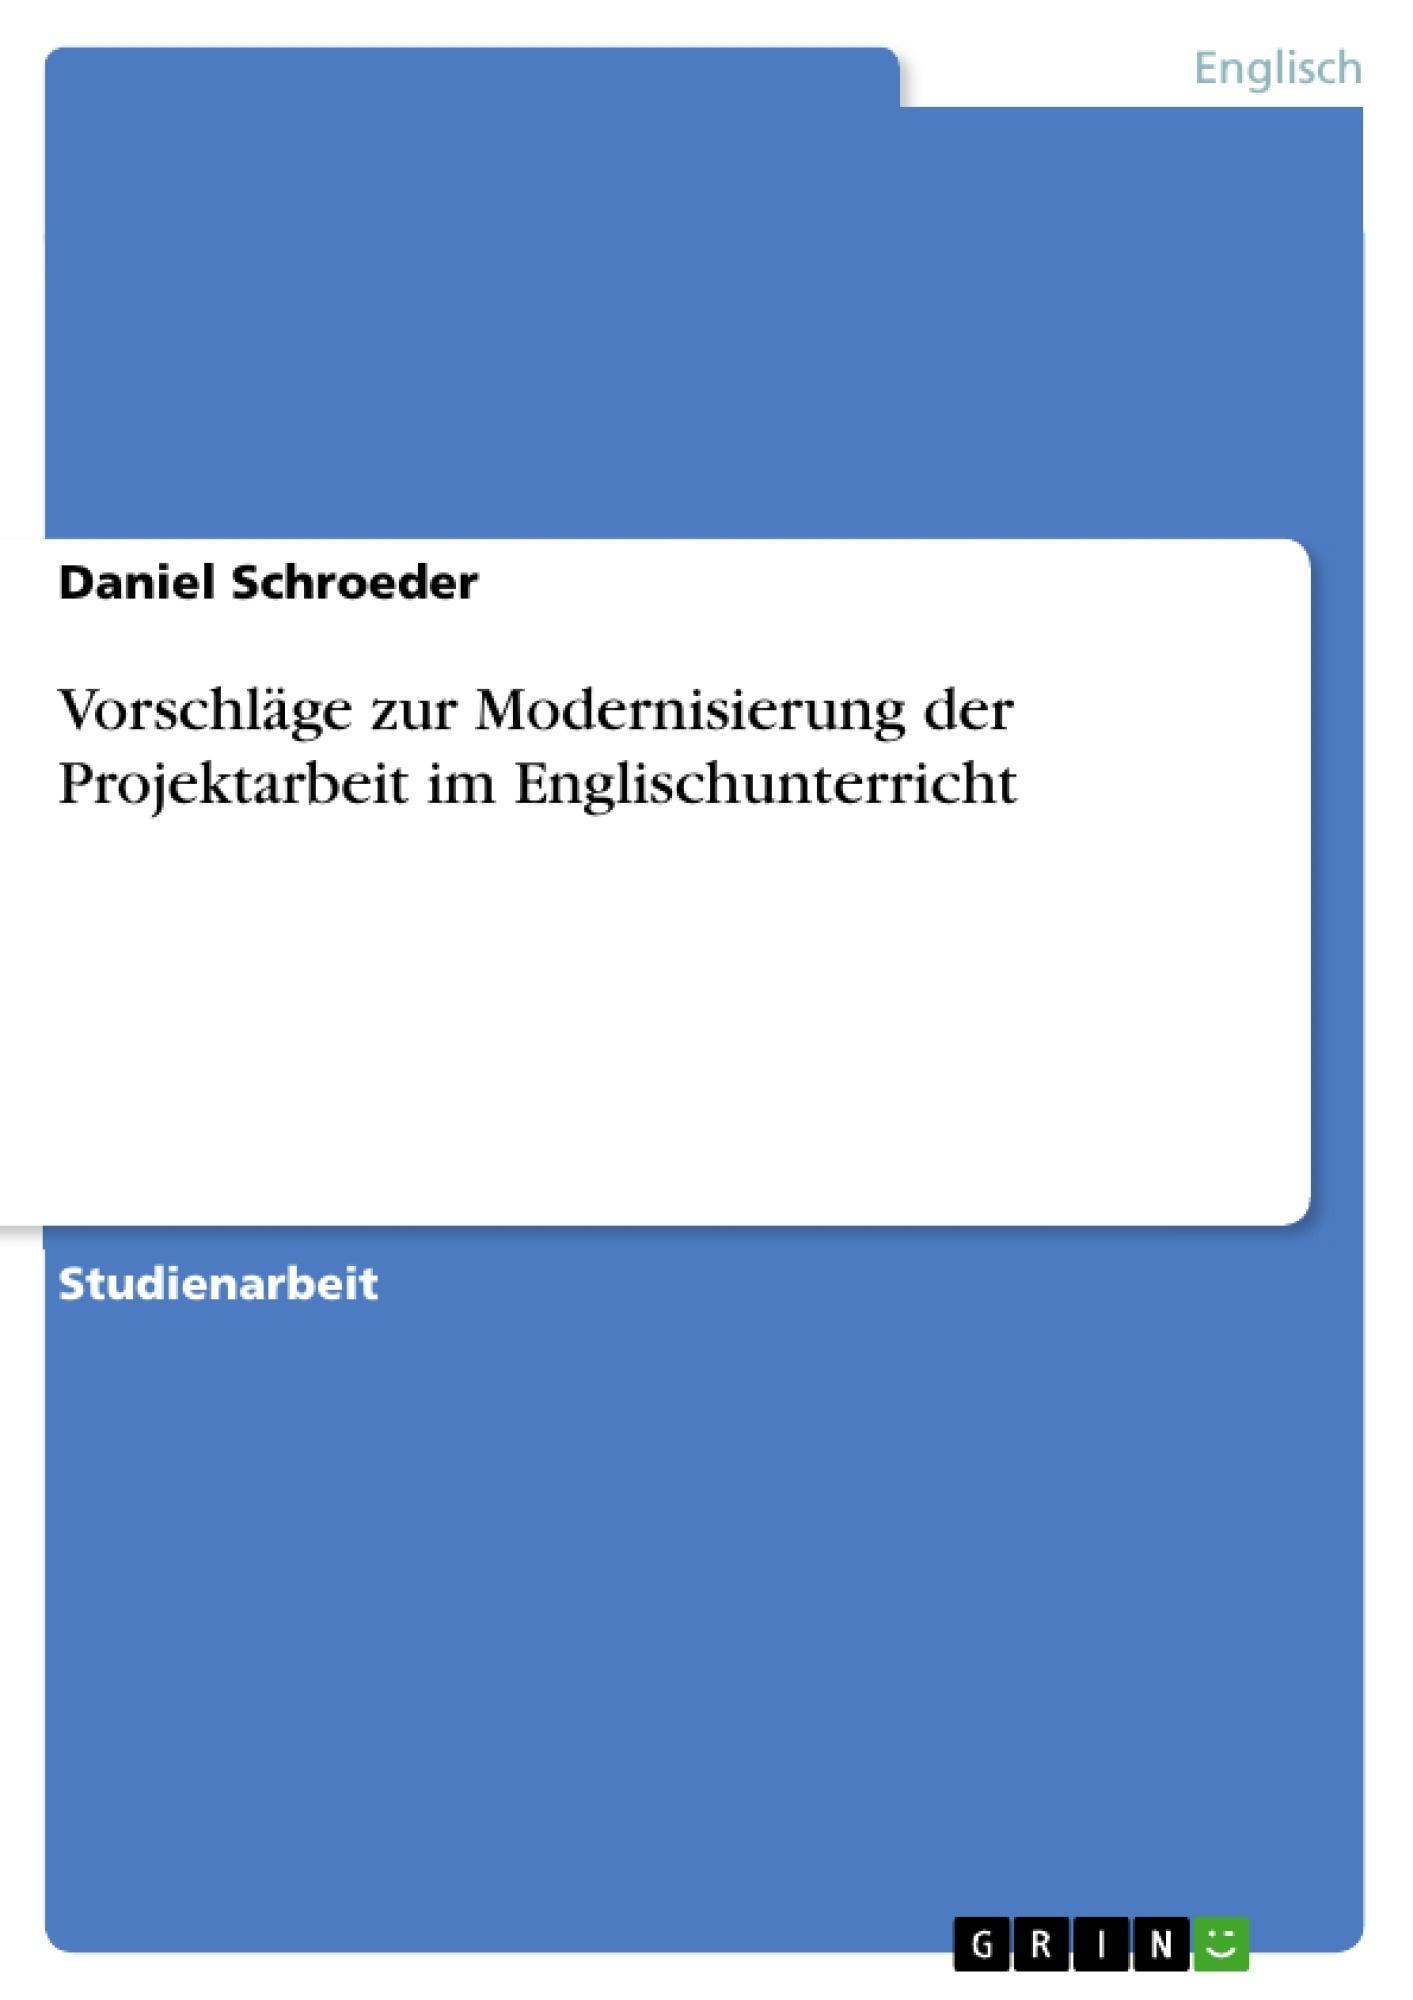 Titel: Vorschläge zur Modernisierung der Projektarbeit im Englischunterricht